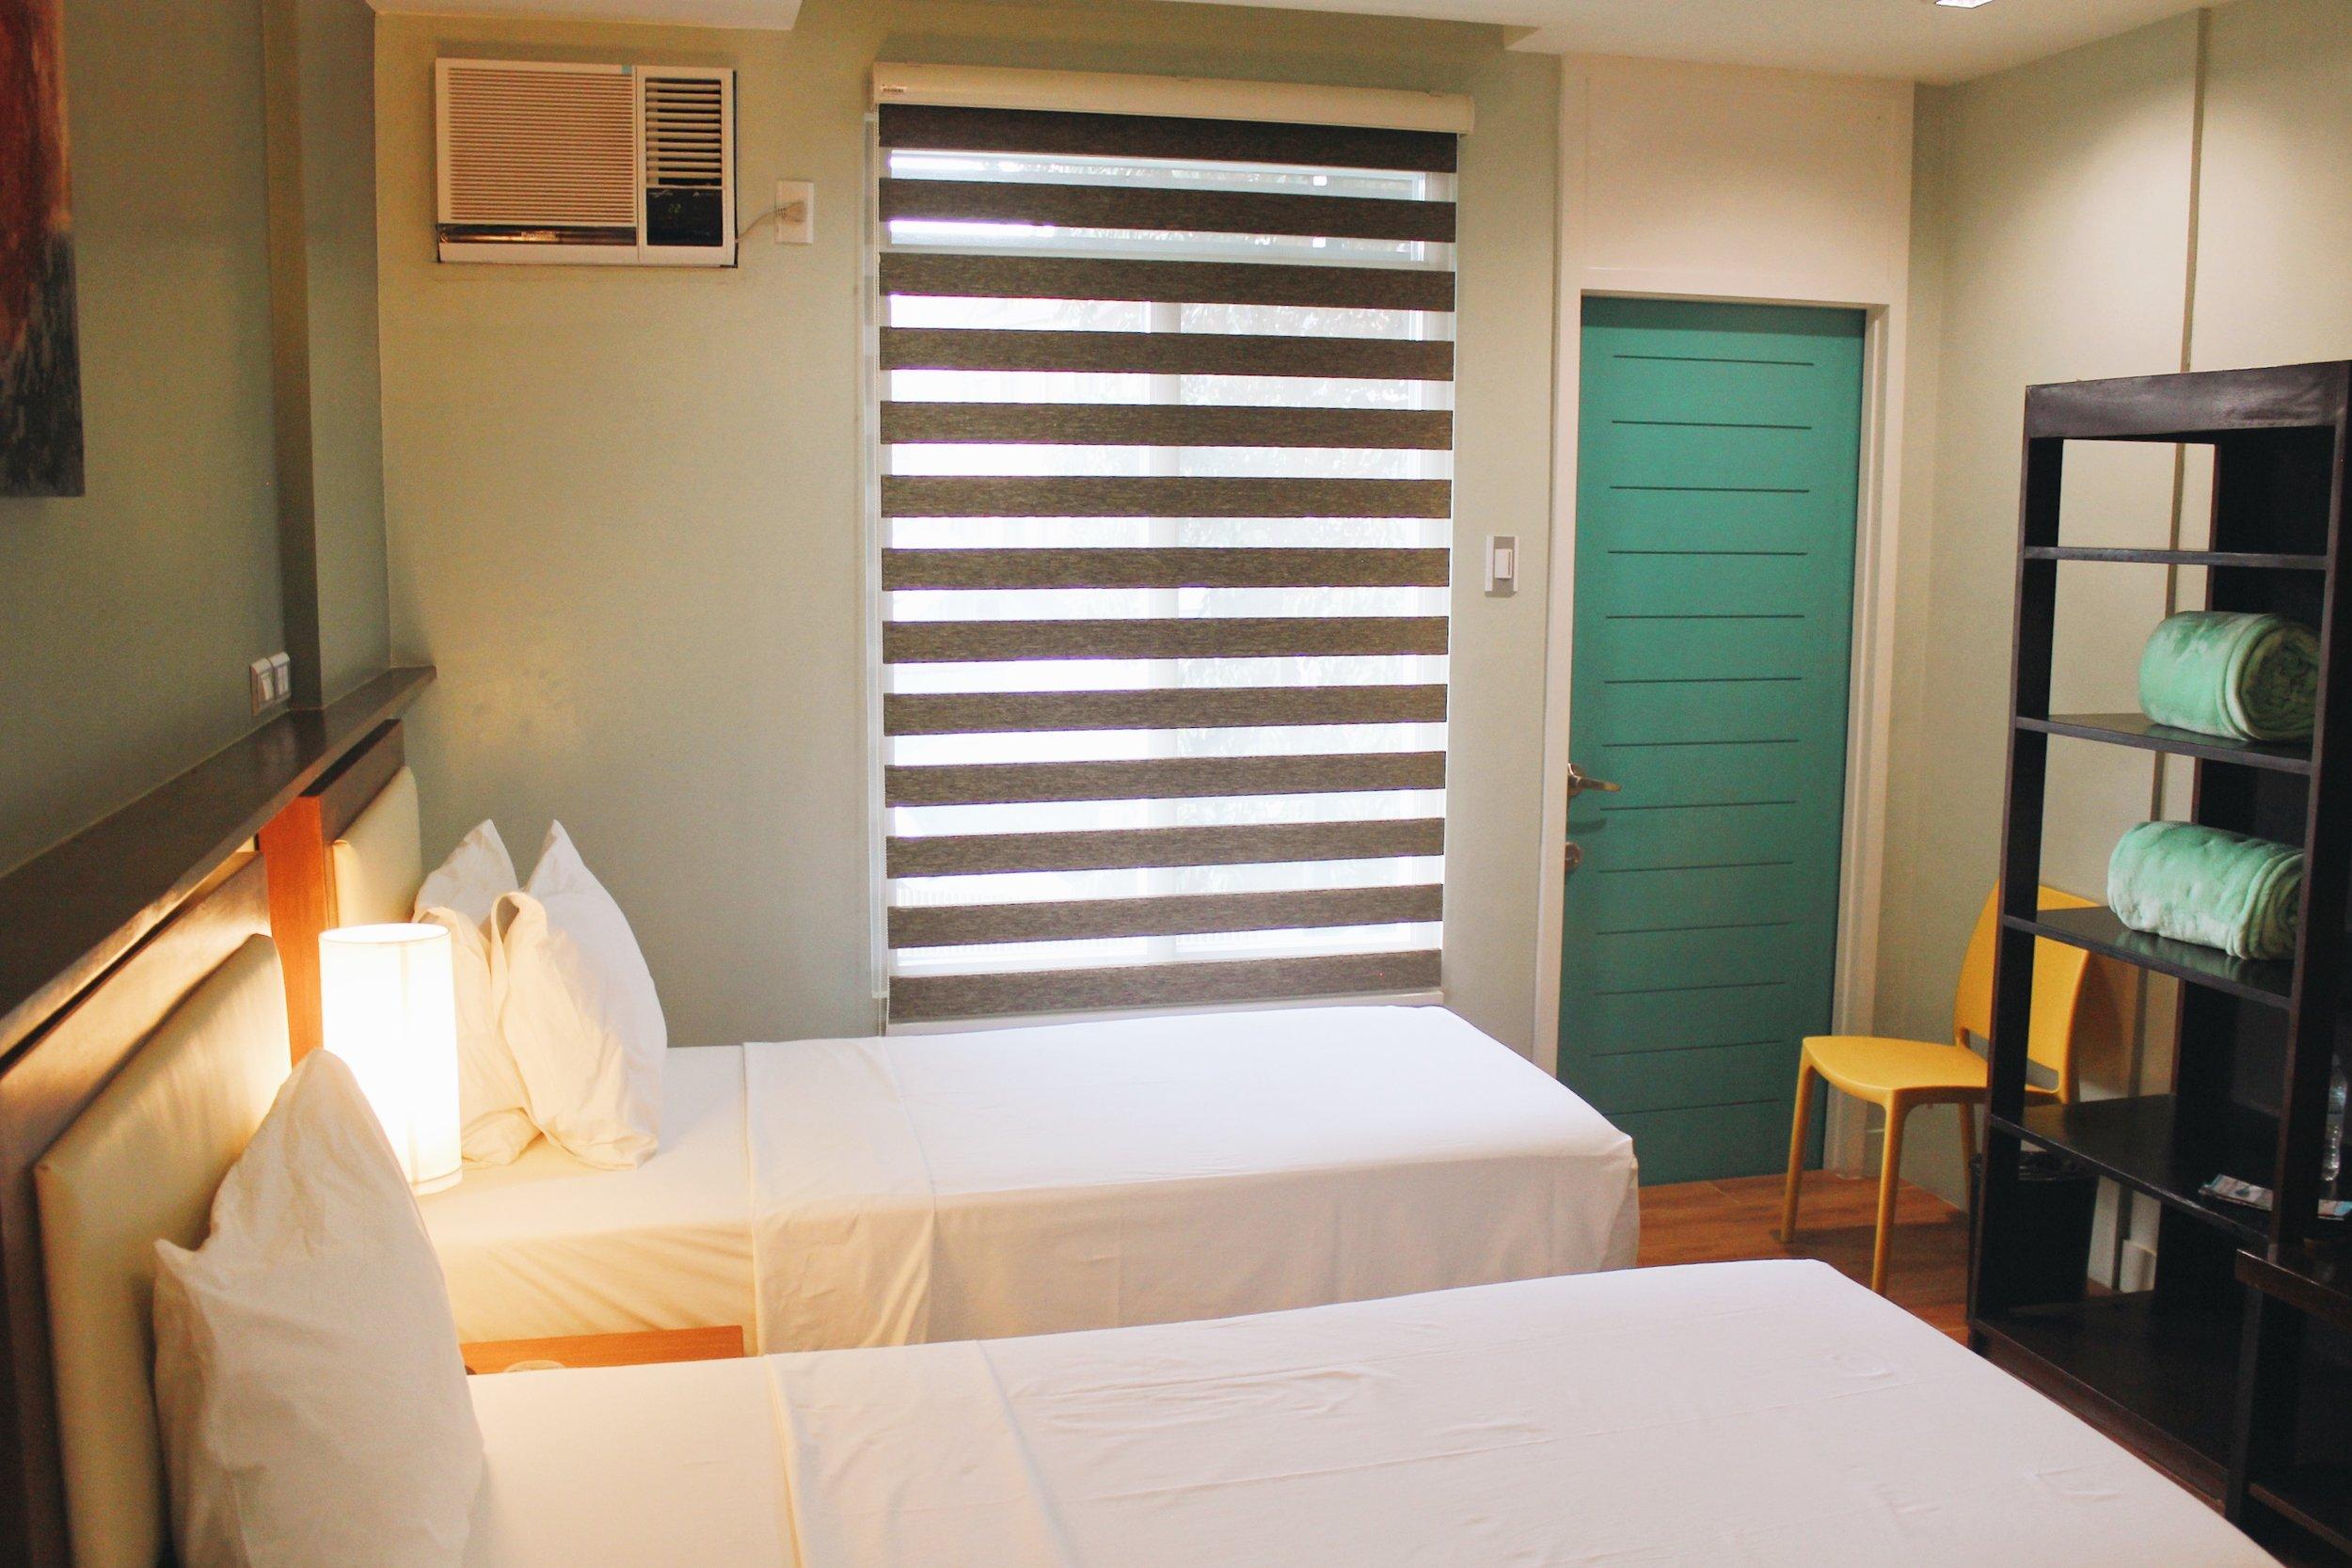 卧室-海茧酒店- El Nido,巴拉望岛-评论在illumelation.combeplay3体育官方下载